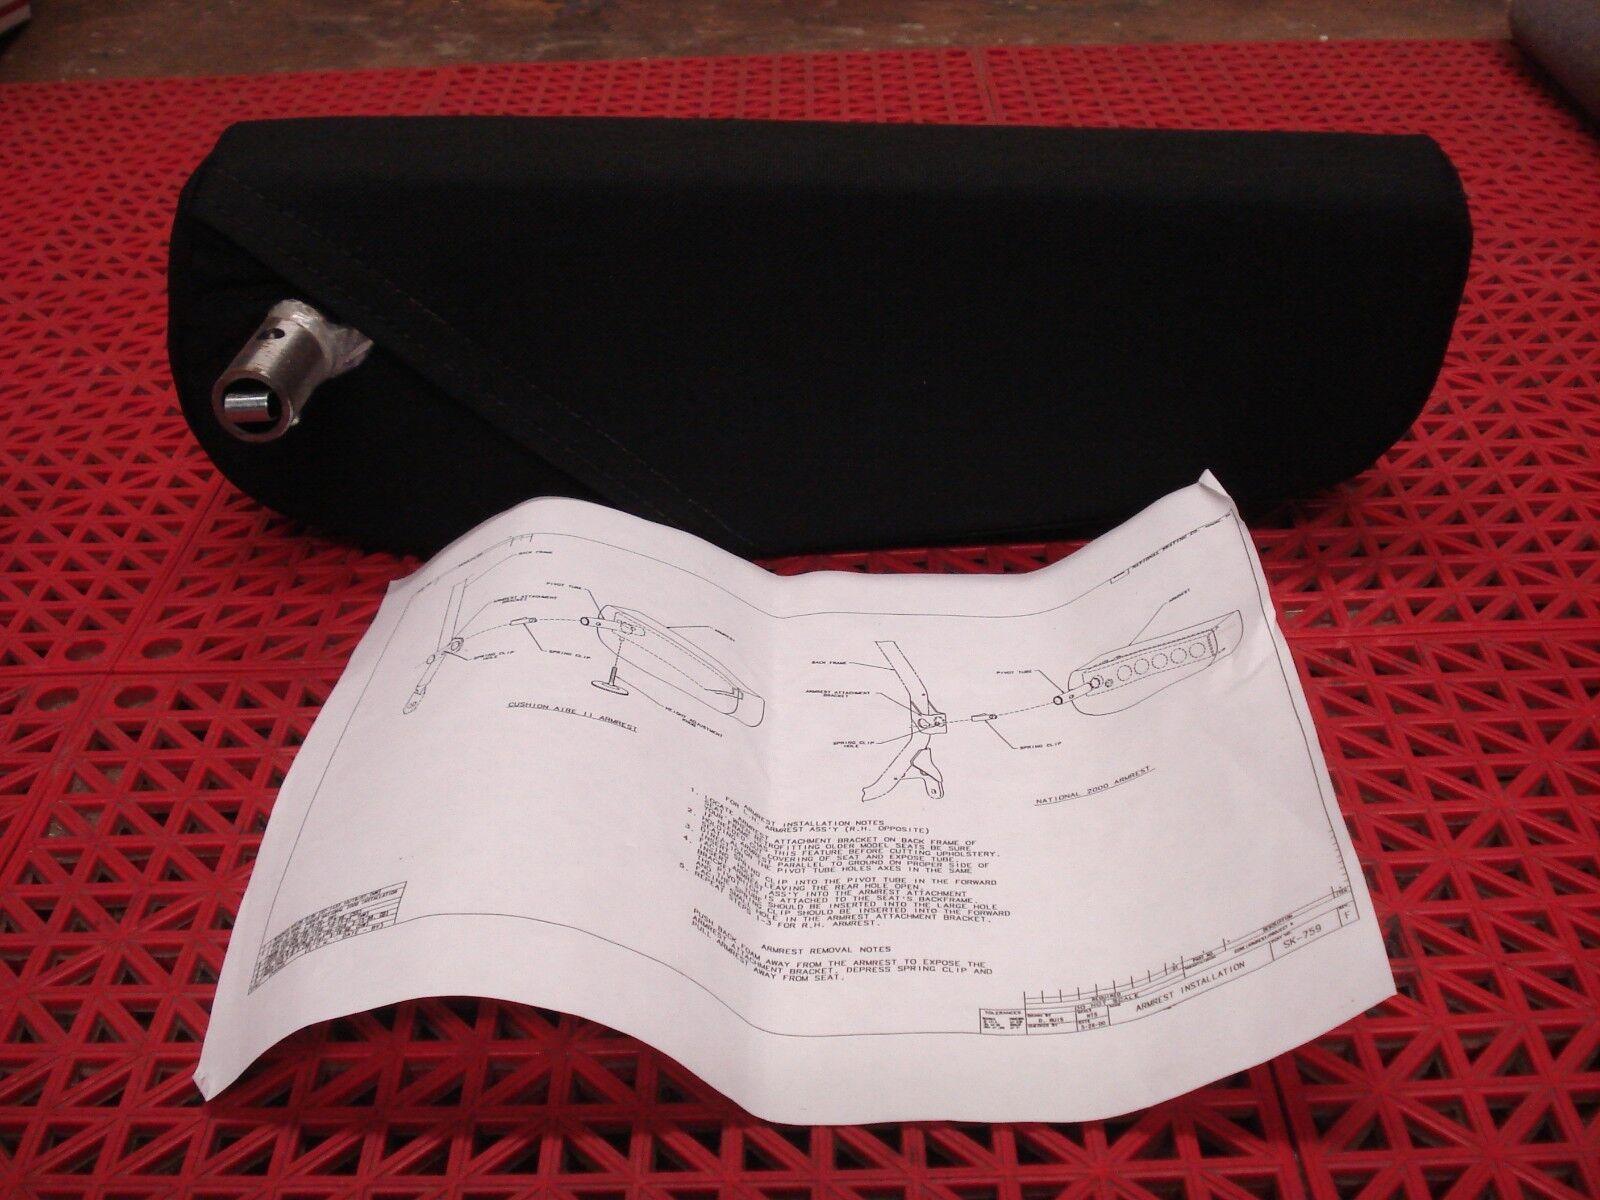 National Seating U-arm Armrest 235230 LH Black Mordura 15